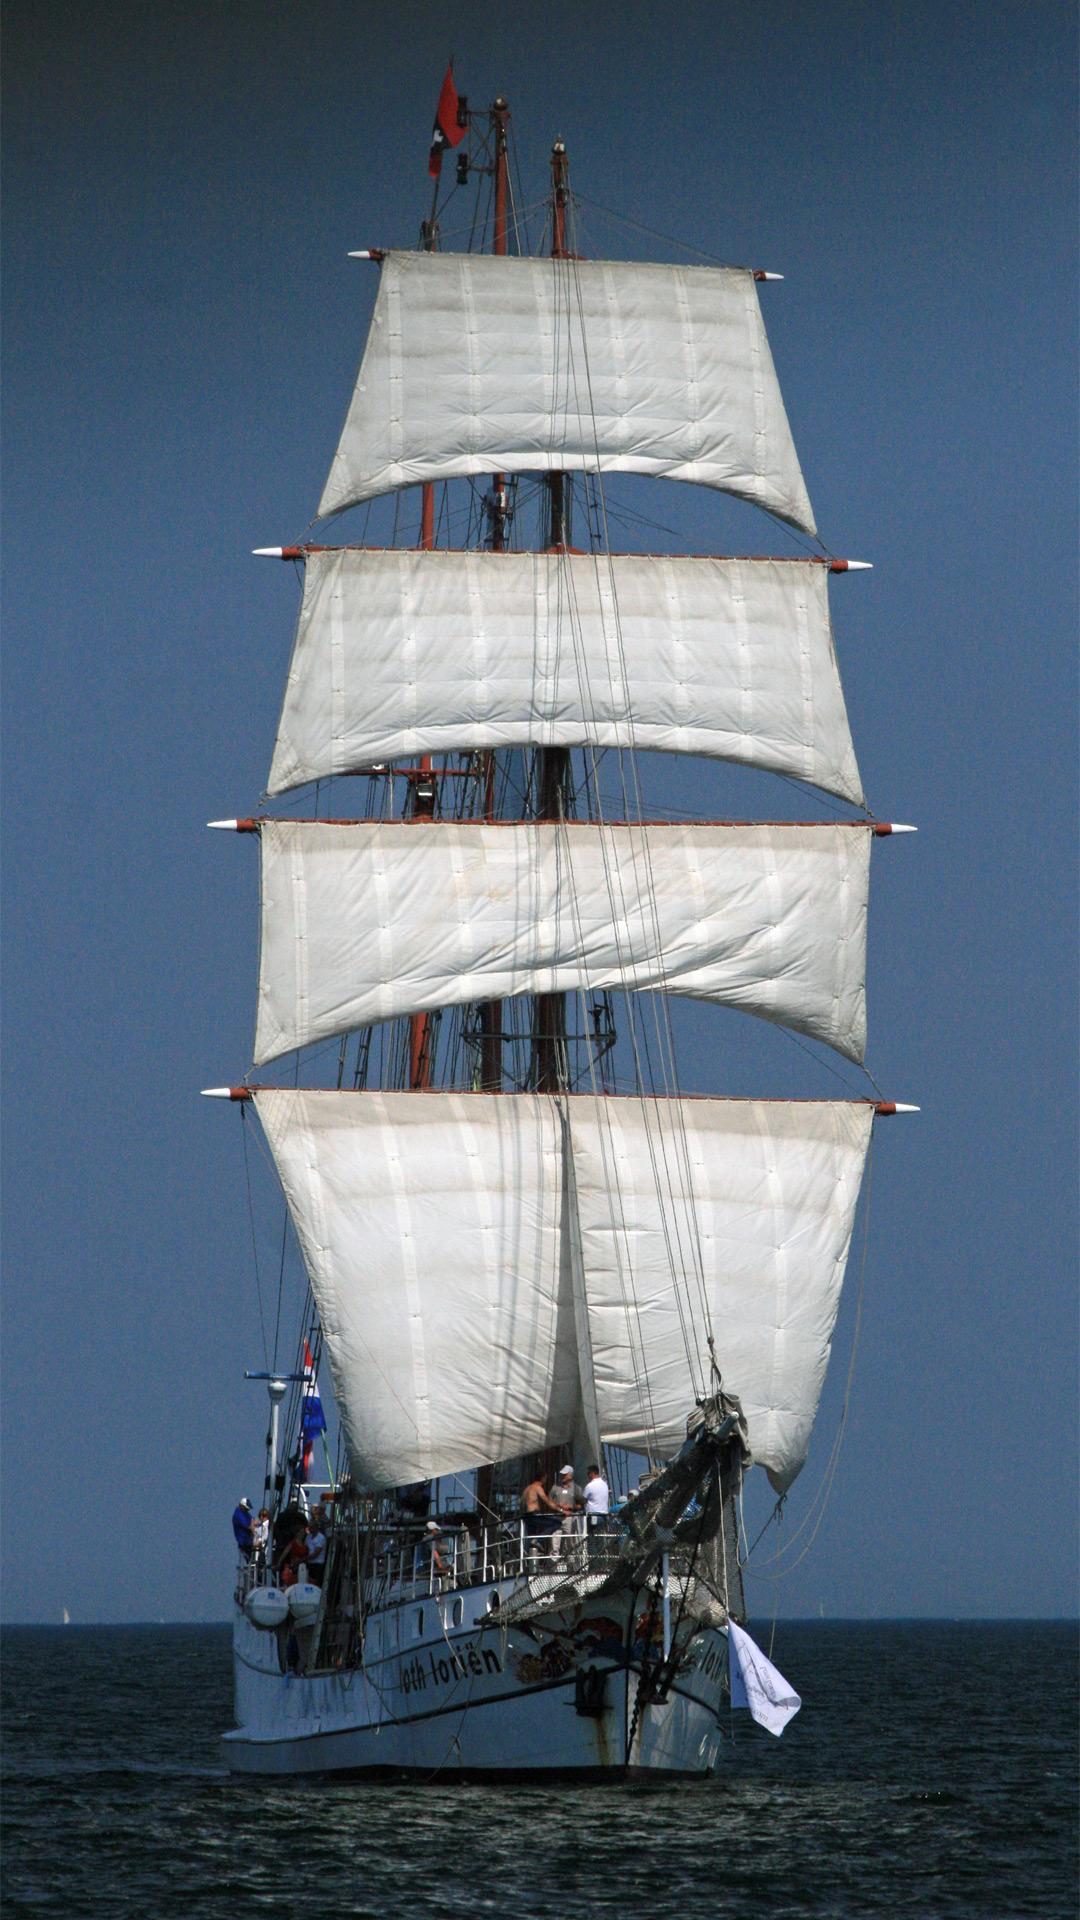 Historisches Segelschiff mit weißen Segeln